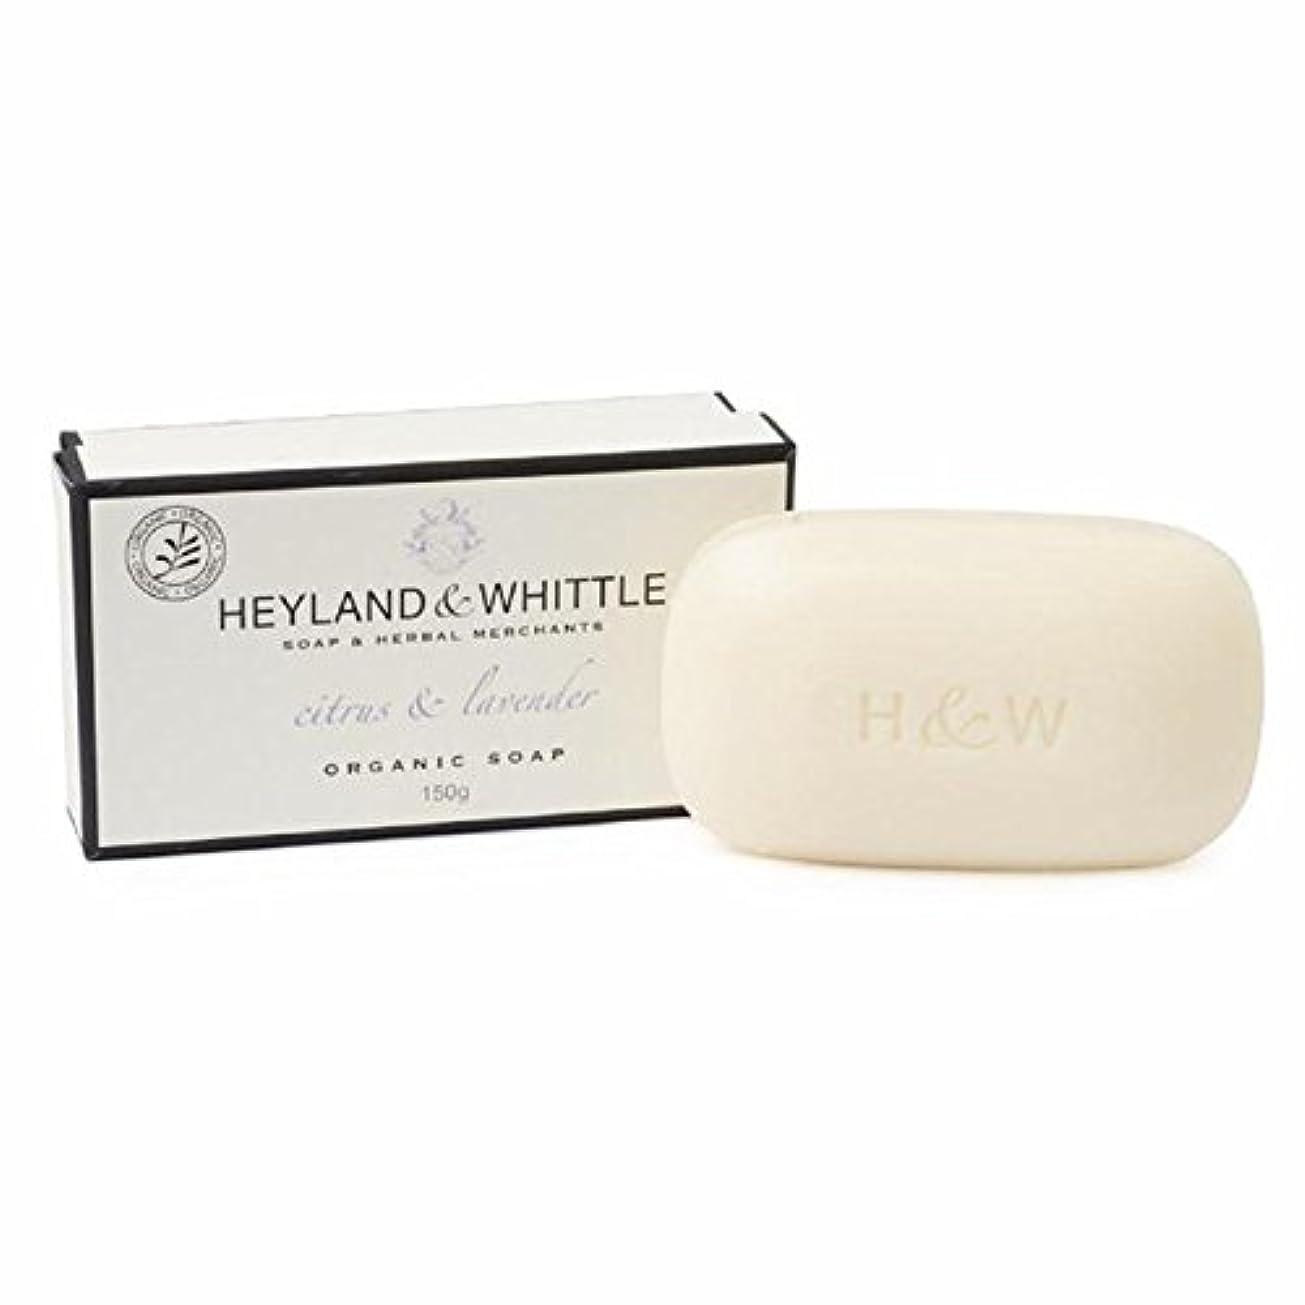 リボンテザー誤解を招く&削るシトラス&ラベンダーは、有機石鹸150グラム箱入り x2 - Heyland & Whittle Citrus & Lavender Boxed Organic Soap 150g (Pack of 2) [並行輸入品]